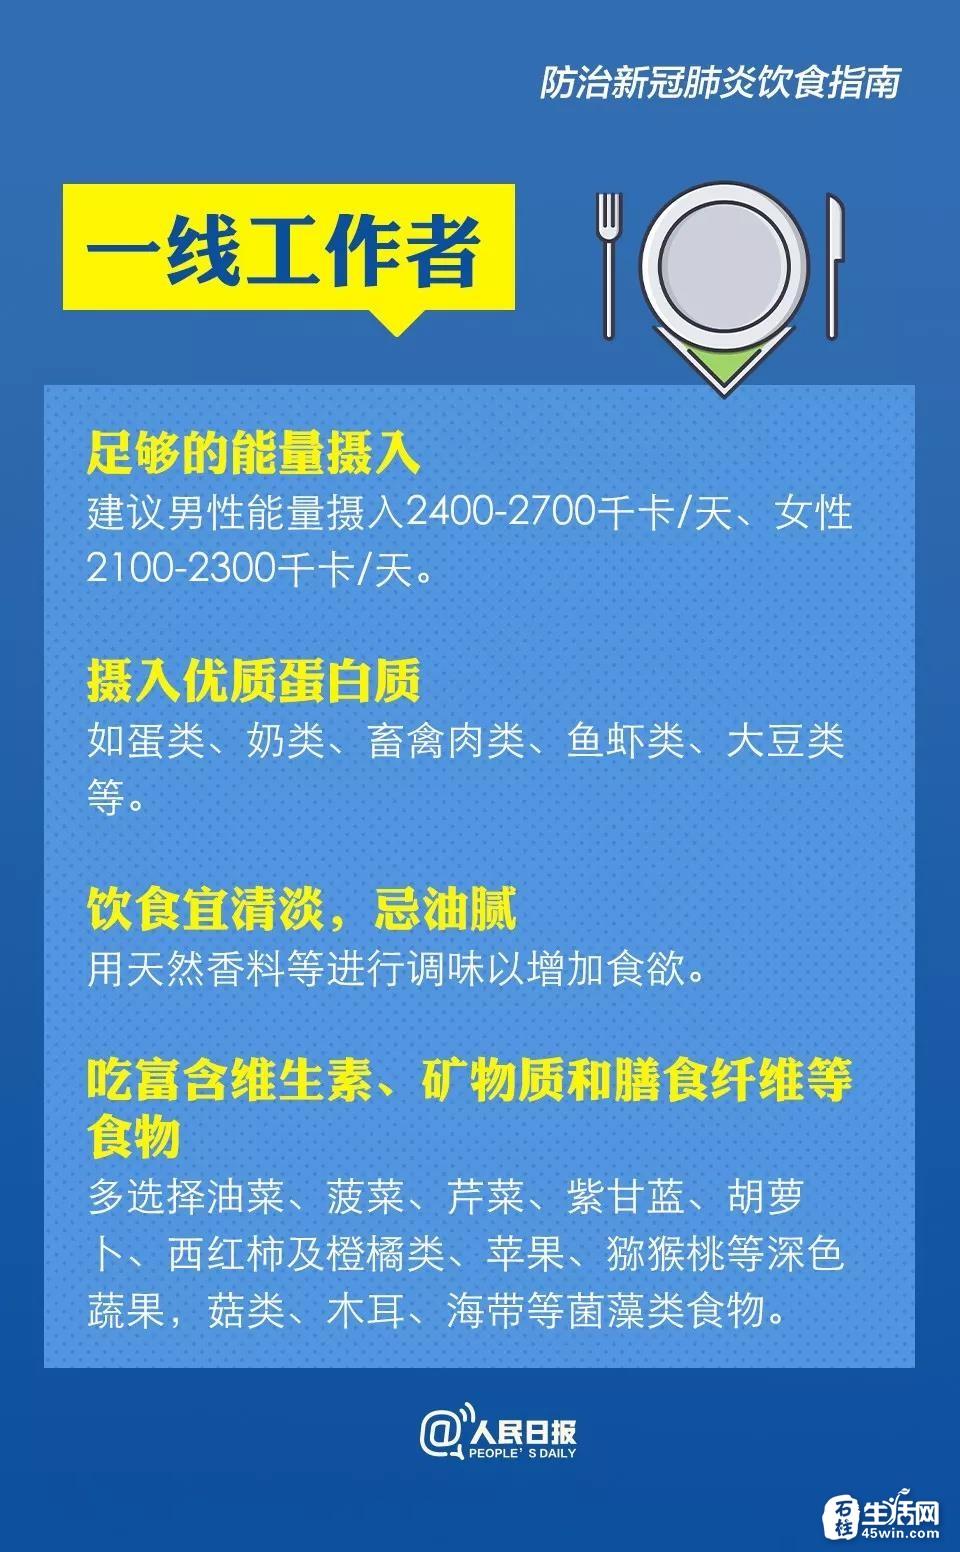 微信图片_20200214204856.jpg